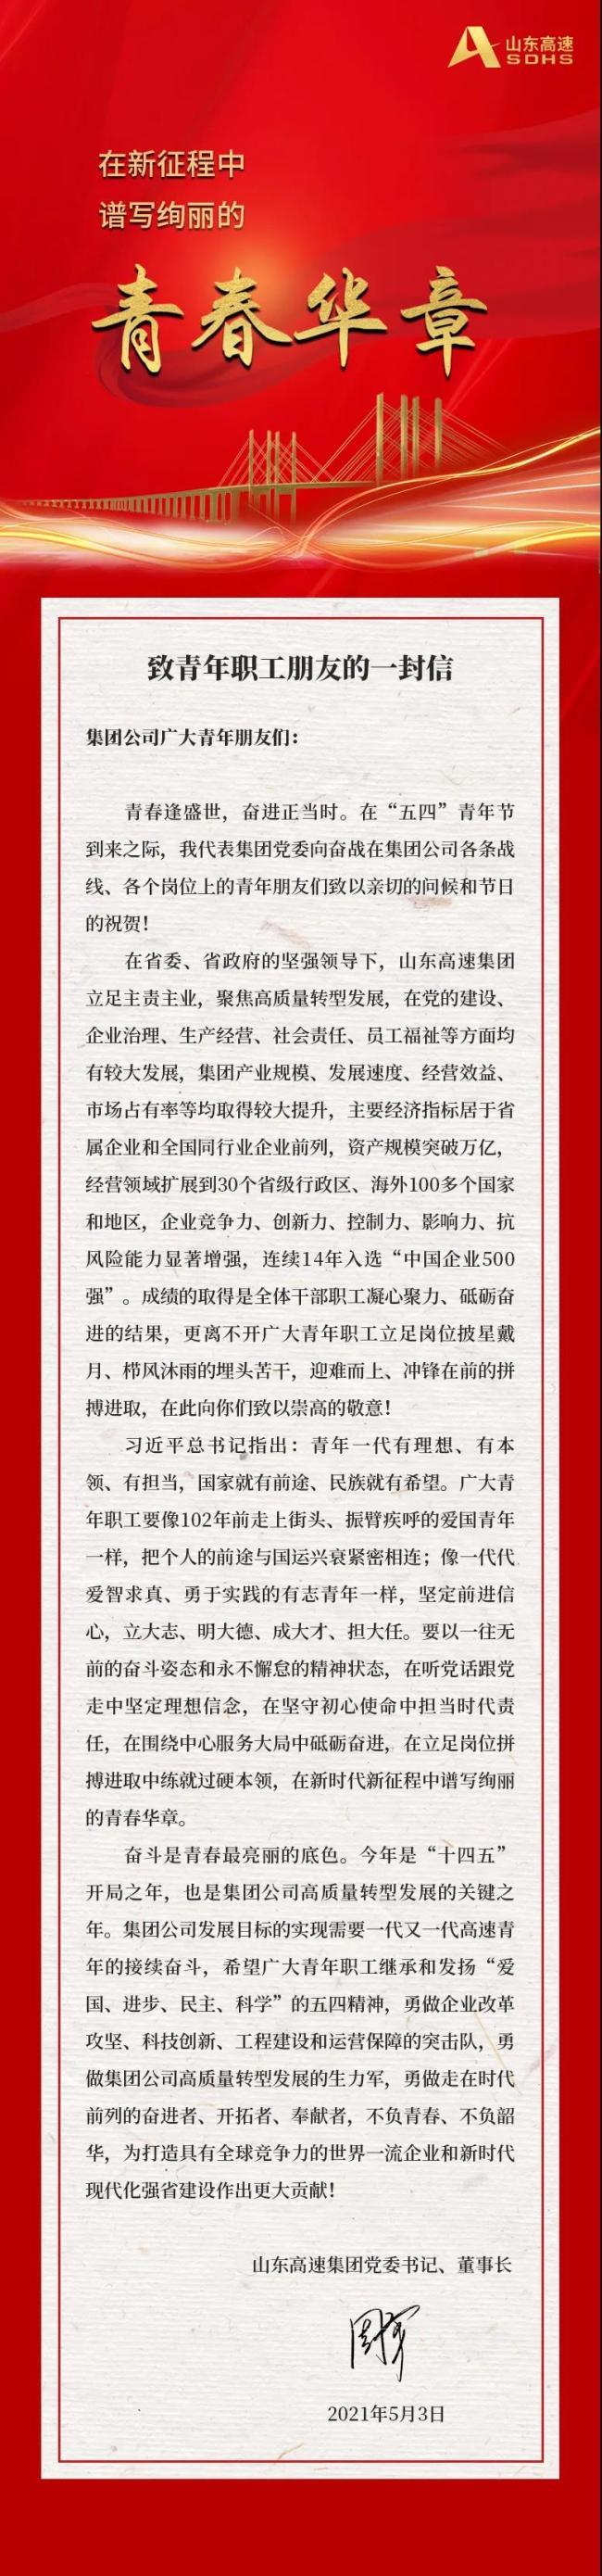 在新征程中谱写绚丽的青春华章——周勇董事长致山东高速青年职工的一封信